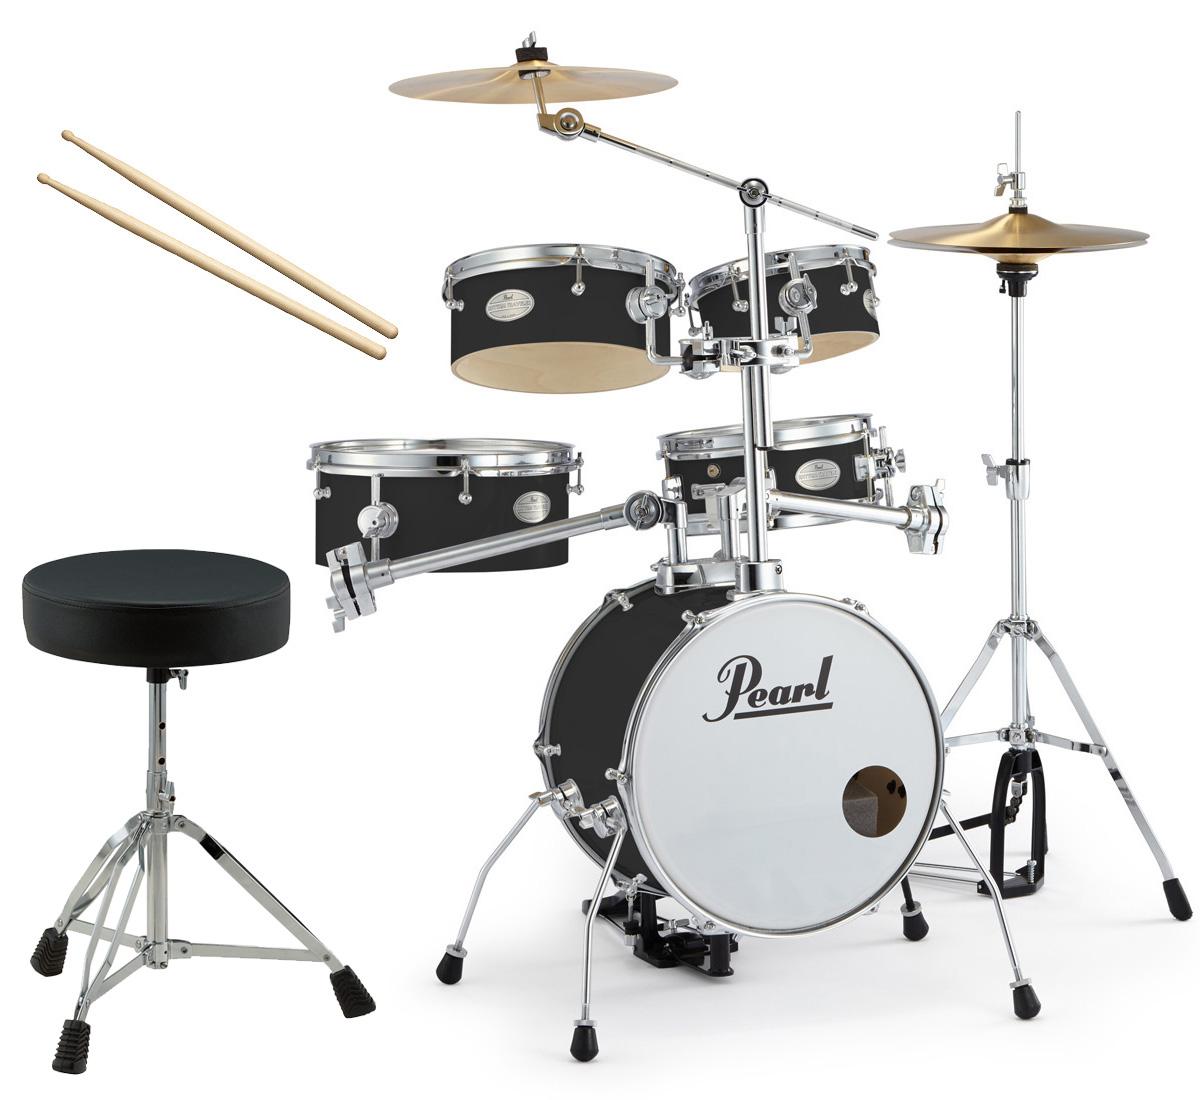 Pearl 小型 ドラムセット RT-645N/C 31-ジェットブラック リズムトラベラー Version 3S ドラムイスとスティック付き